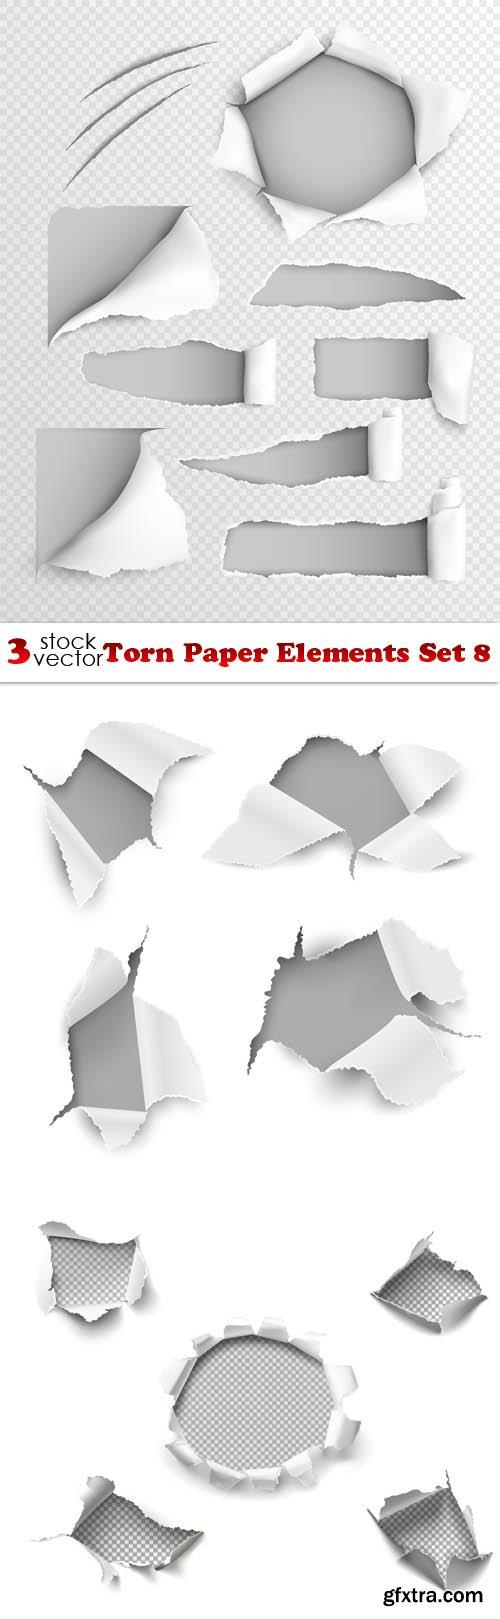 Vectors - Torn Paper Elements Set 8